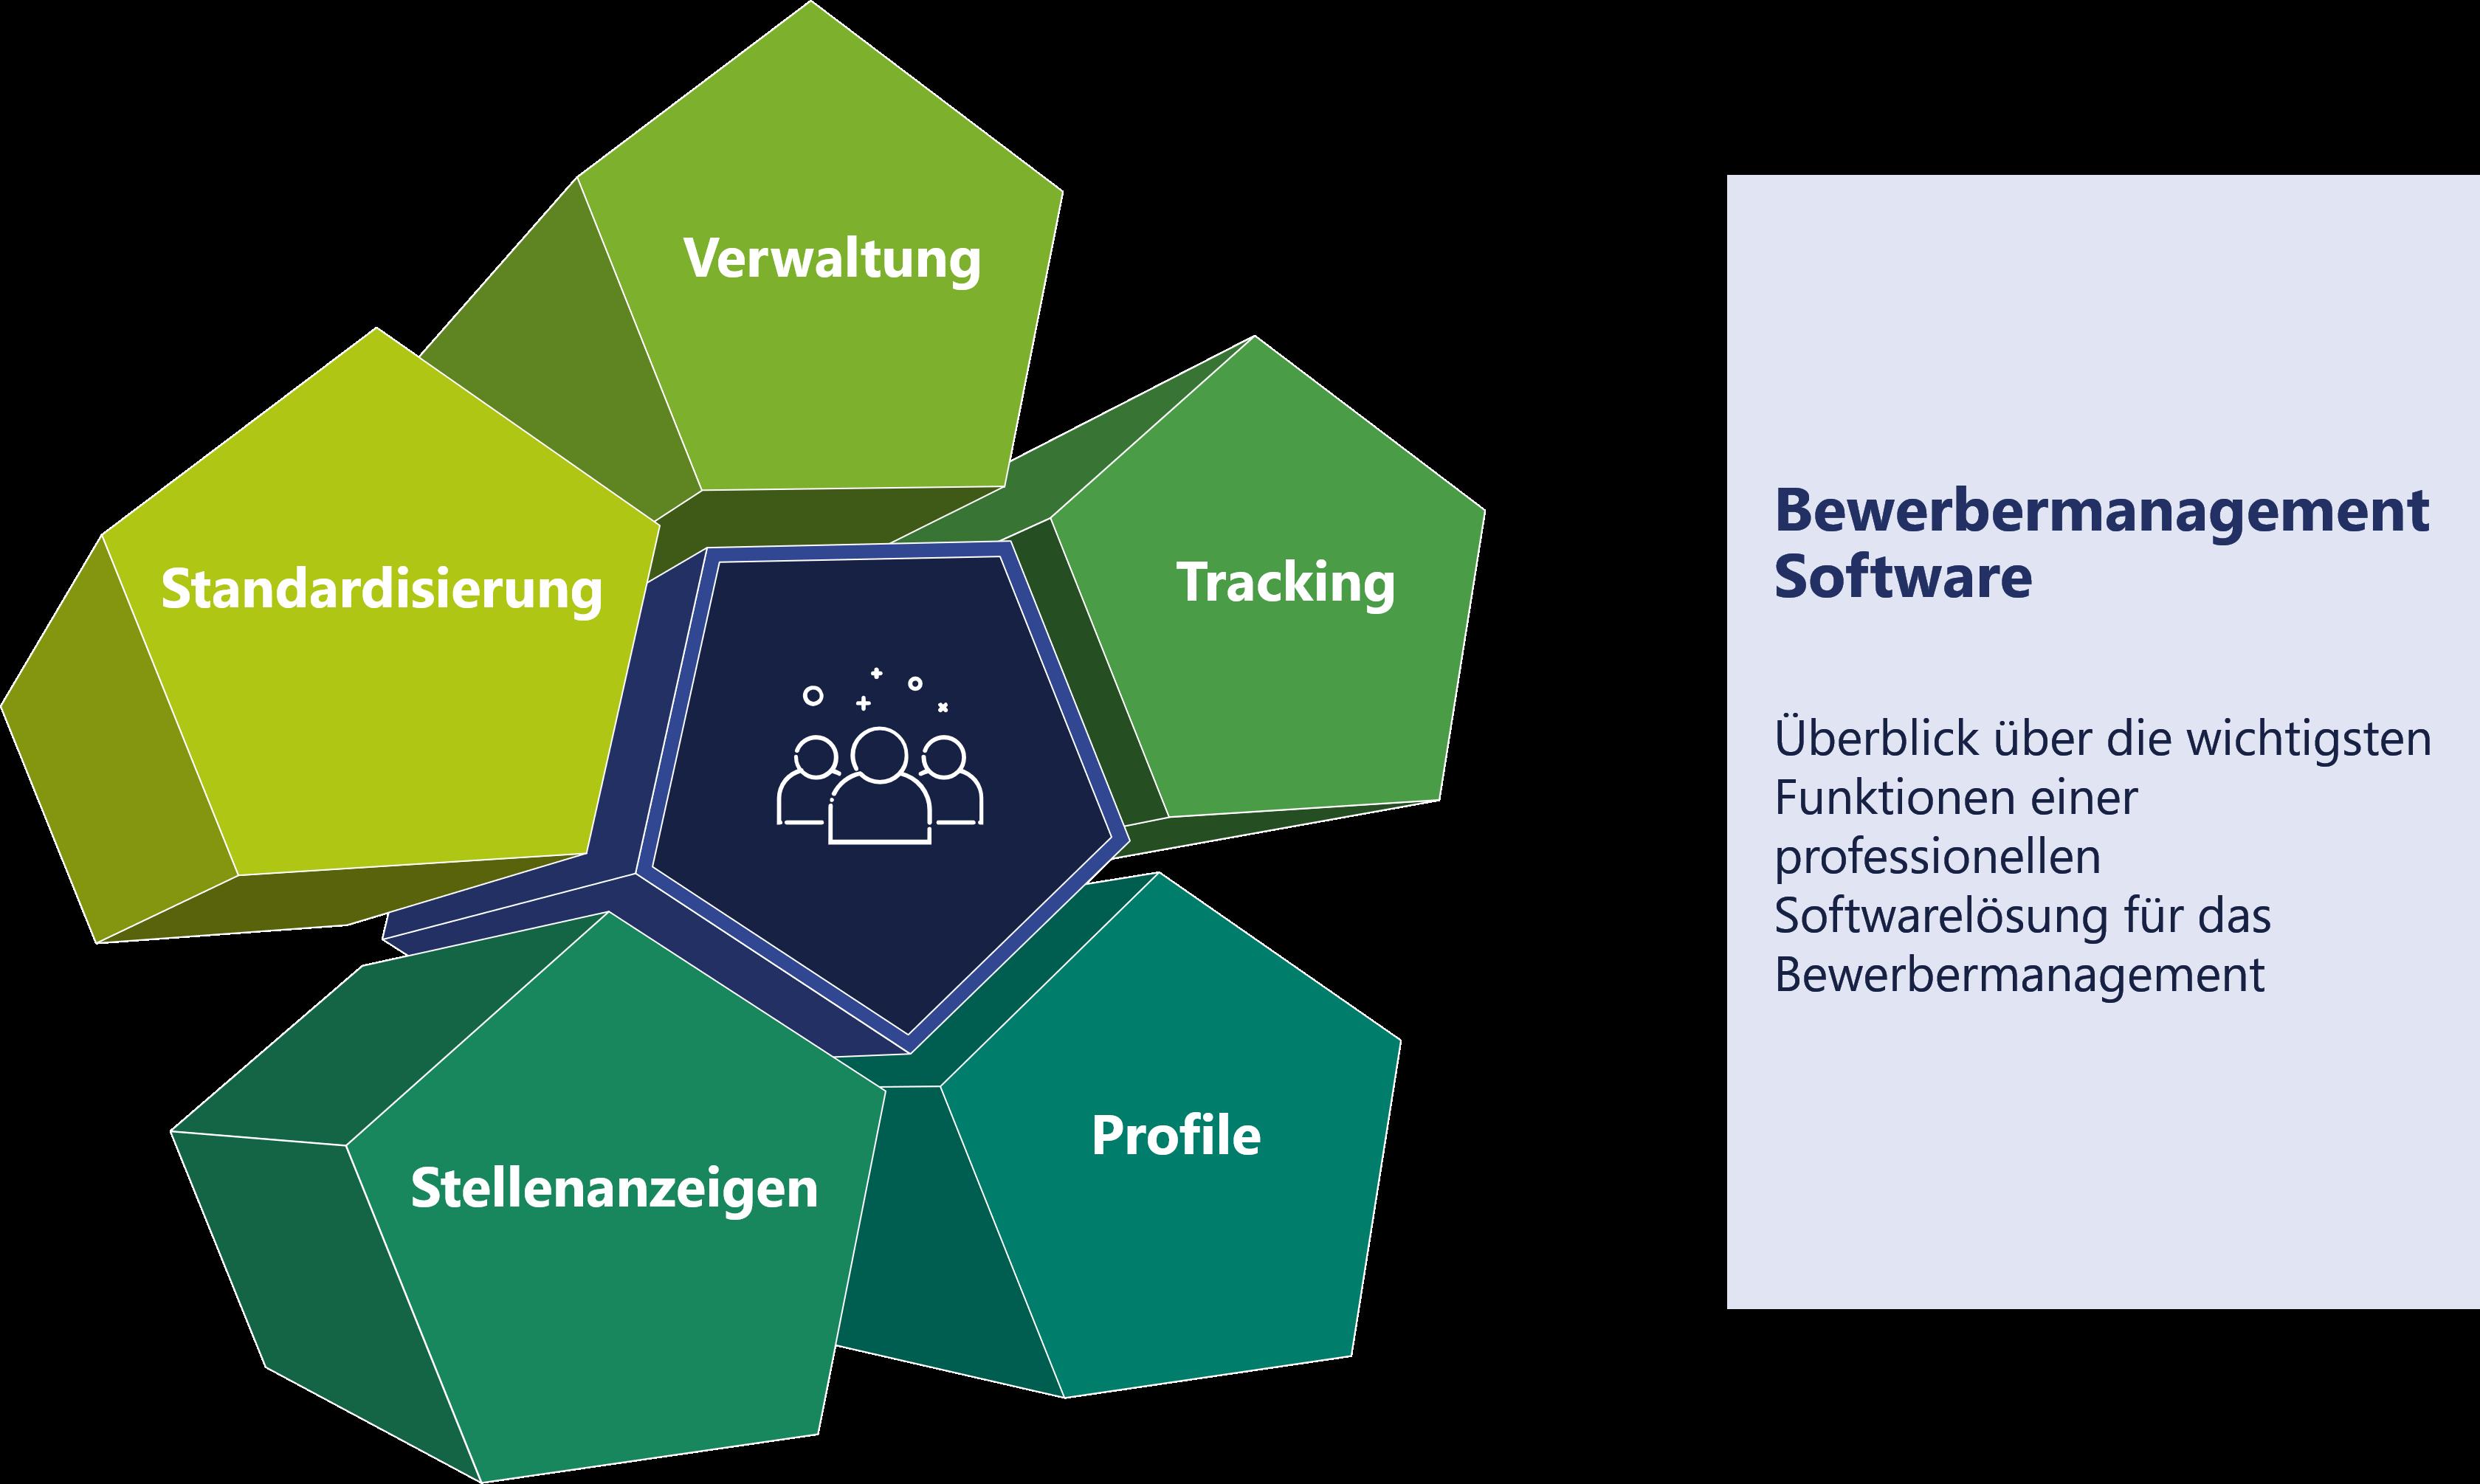 Darstellung - Wichtige Funktionen einer Bewerbermanagement Software